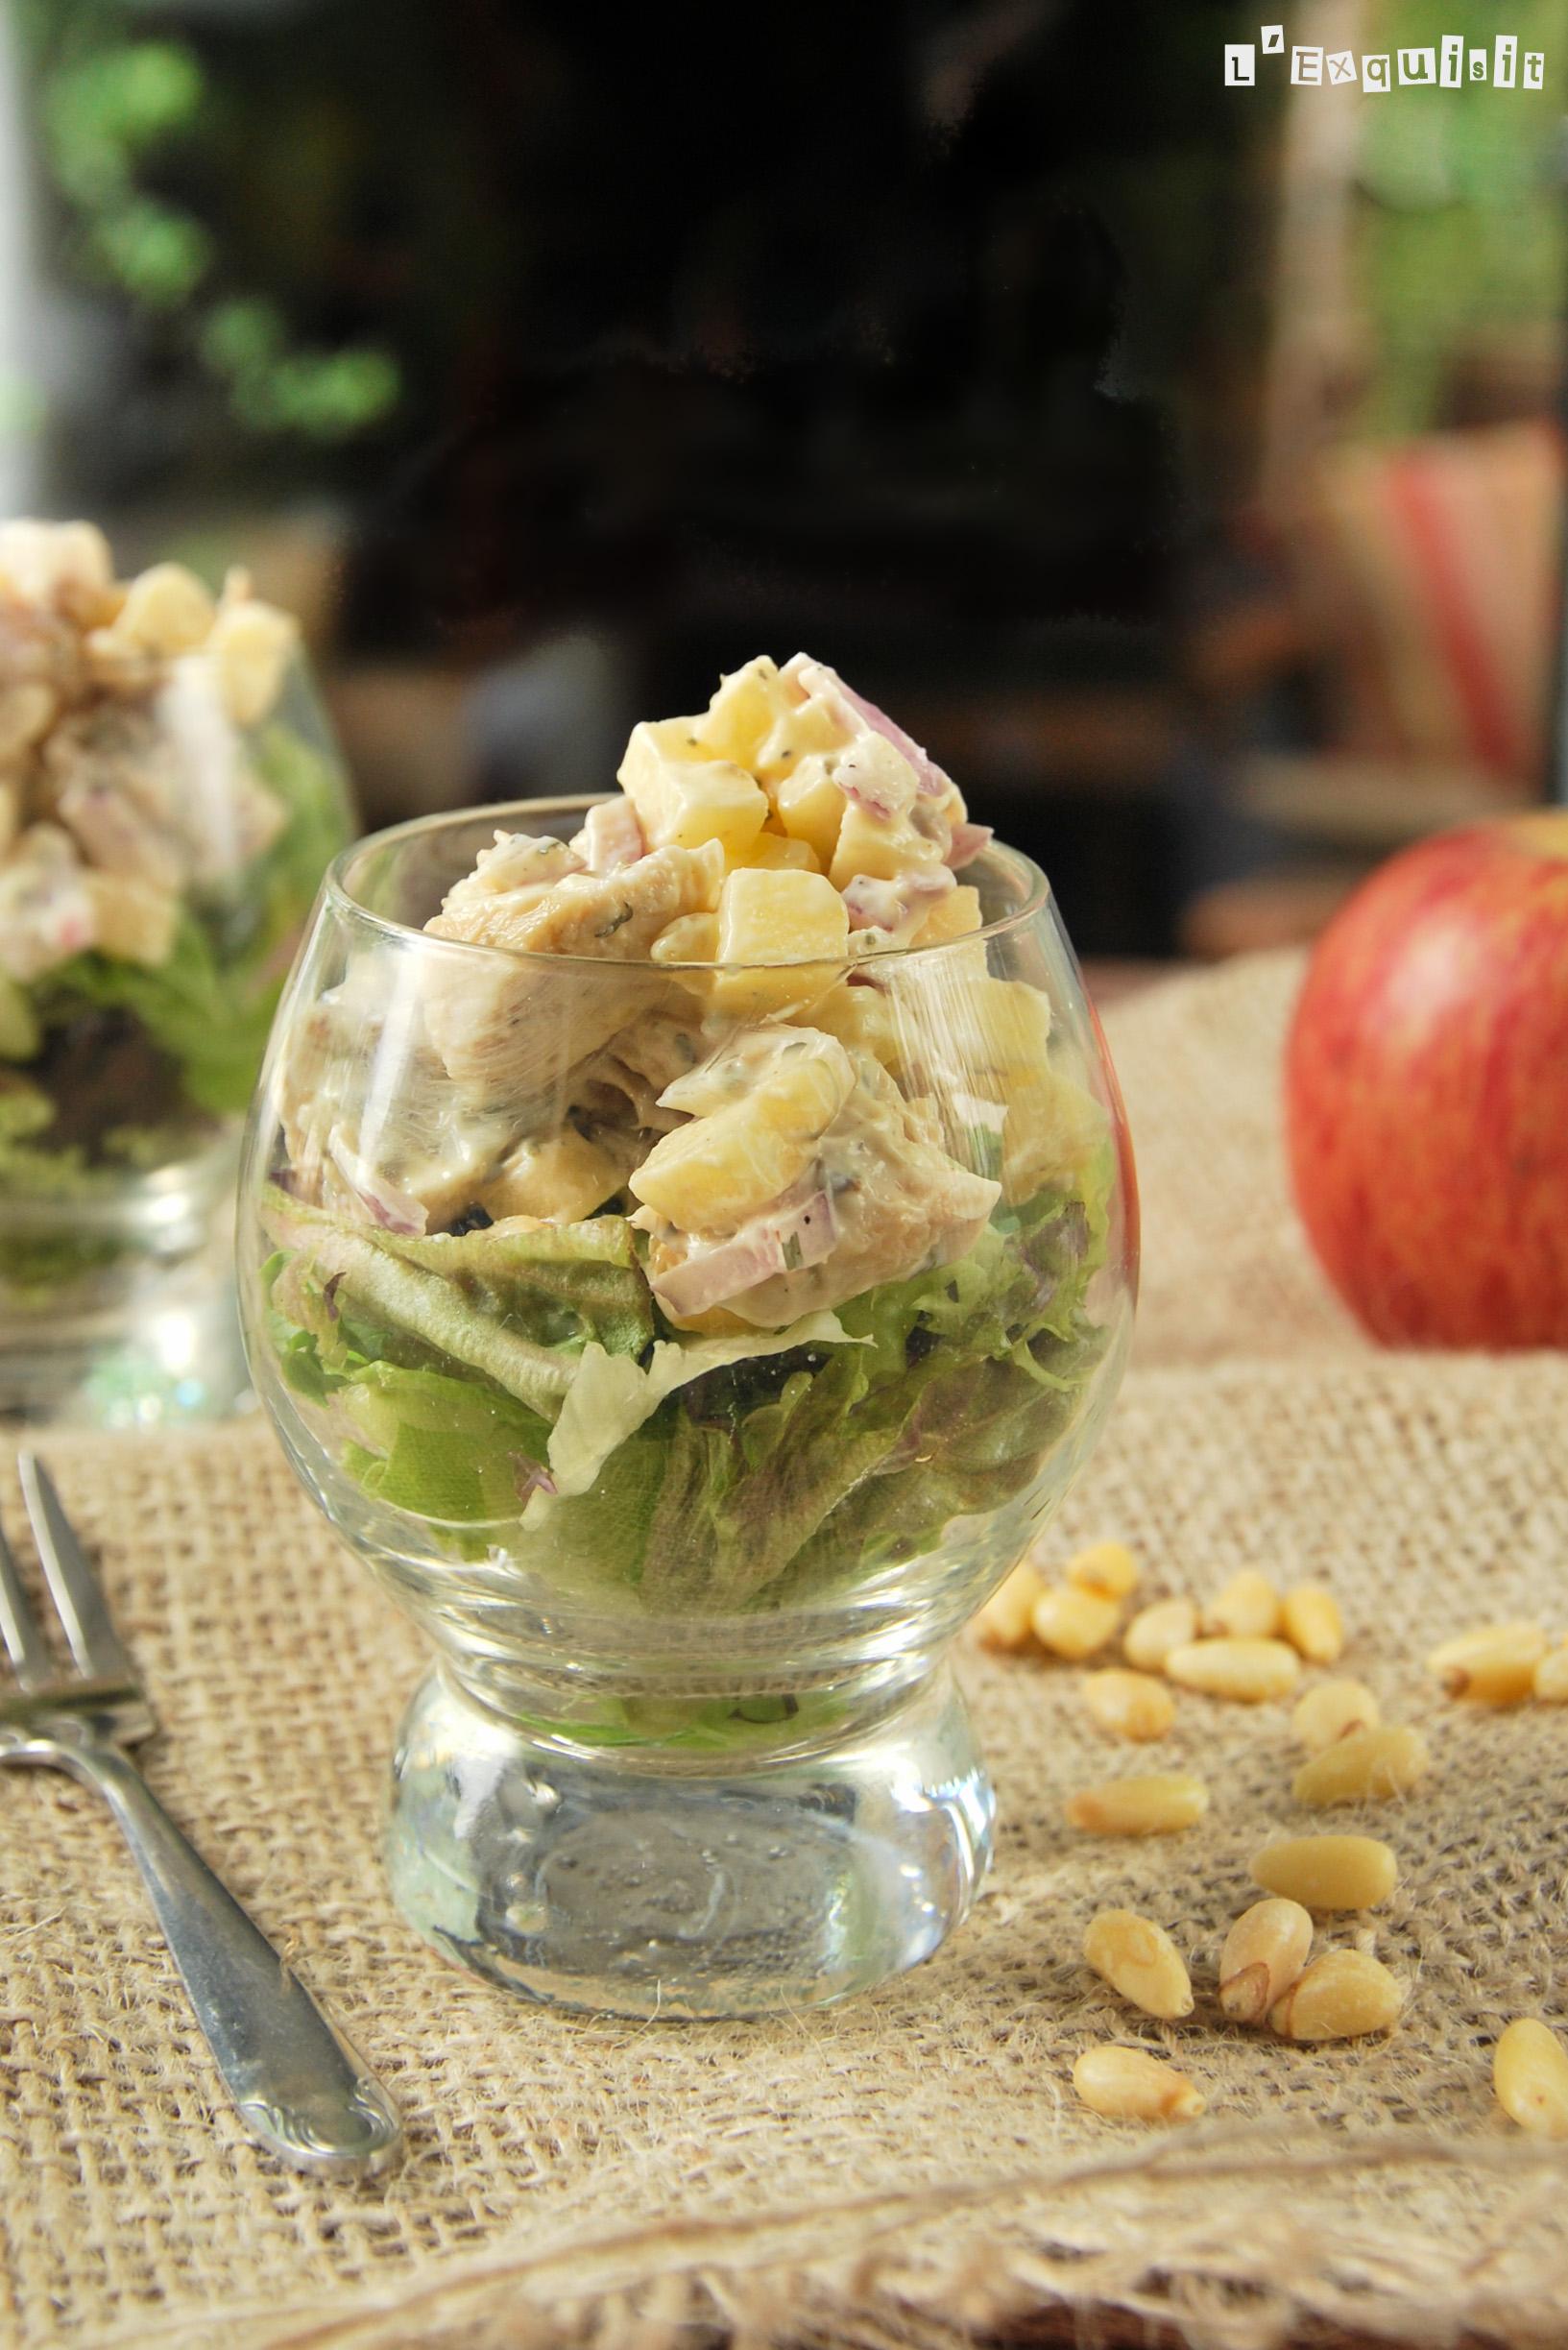 Ensalada templada de pollo y manzana al estragón